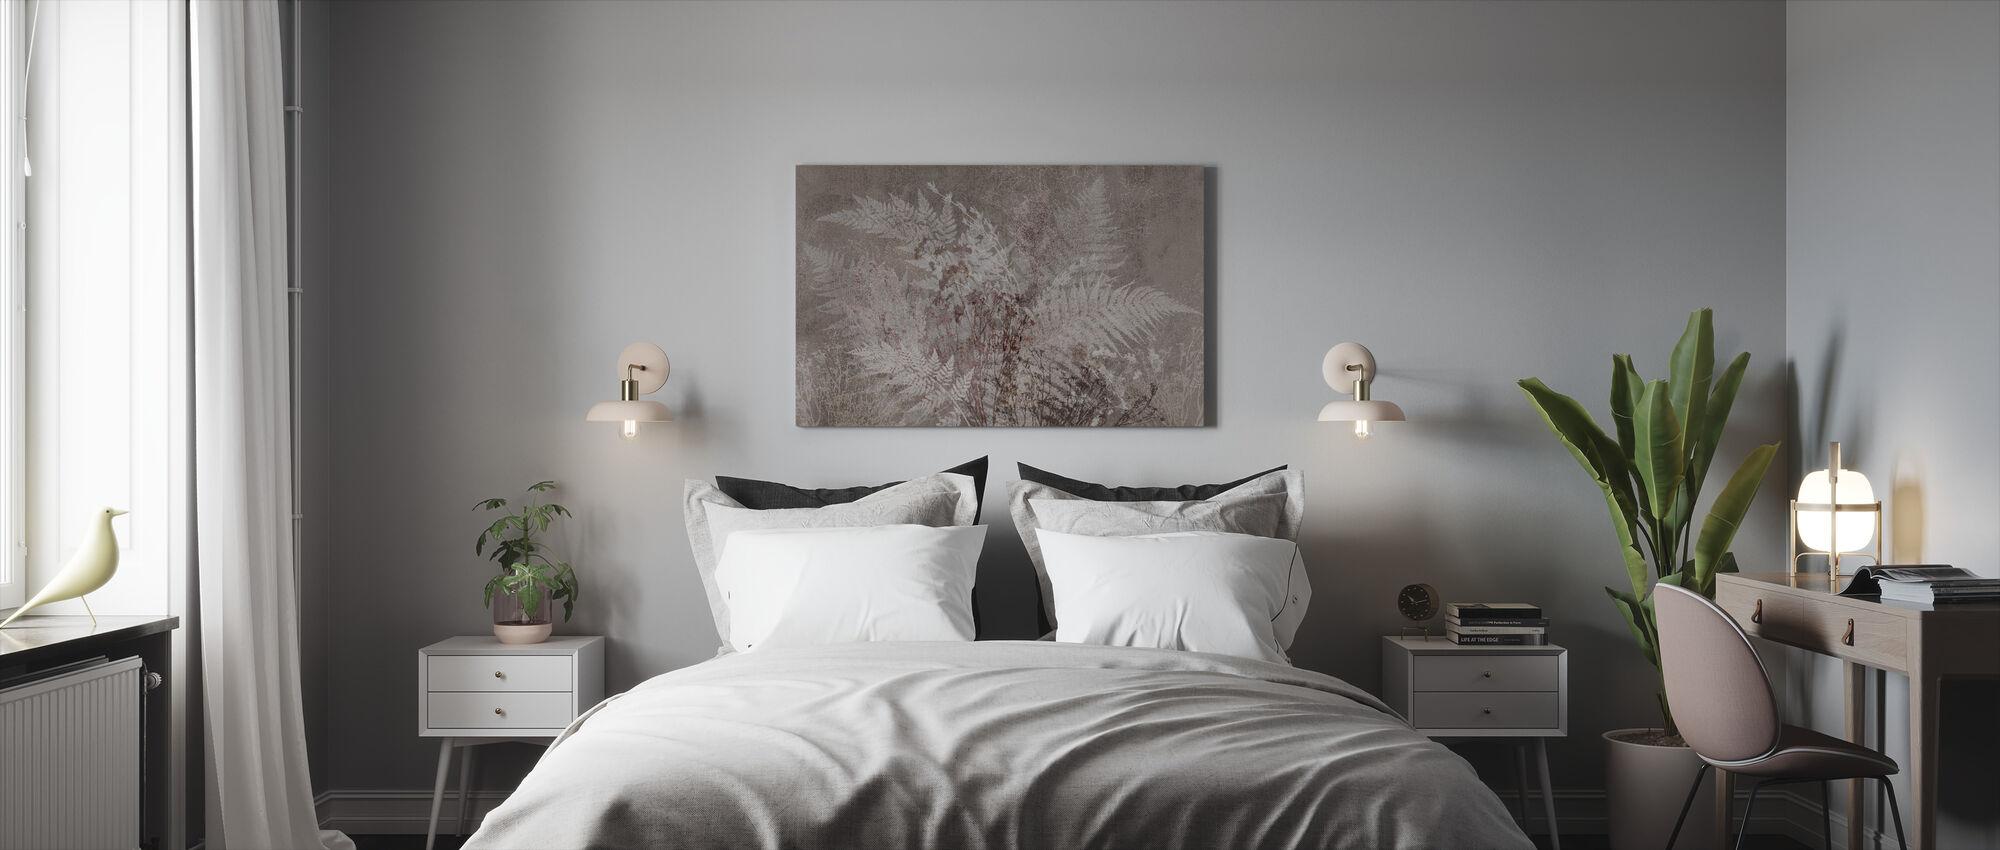 Kuivatut kukat III - Canvastaulu - Makuuhuone